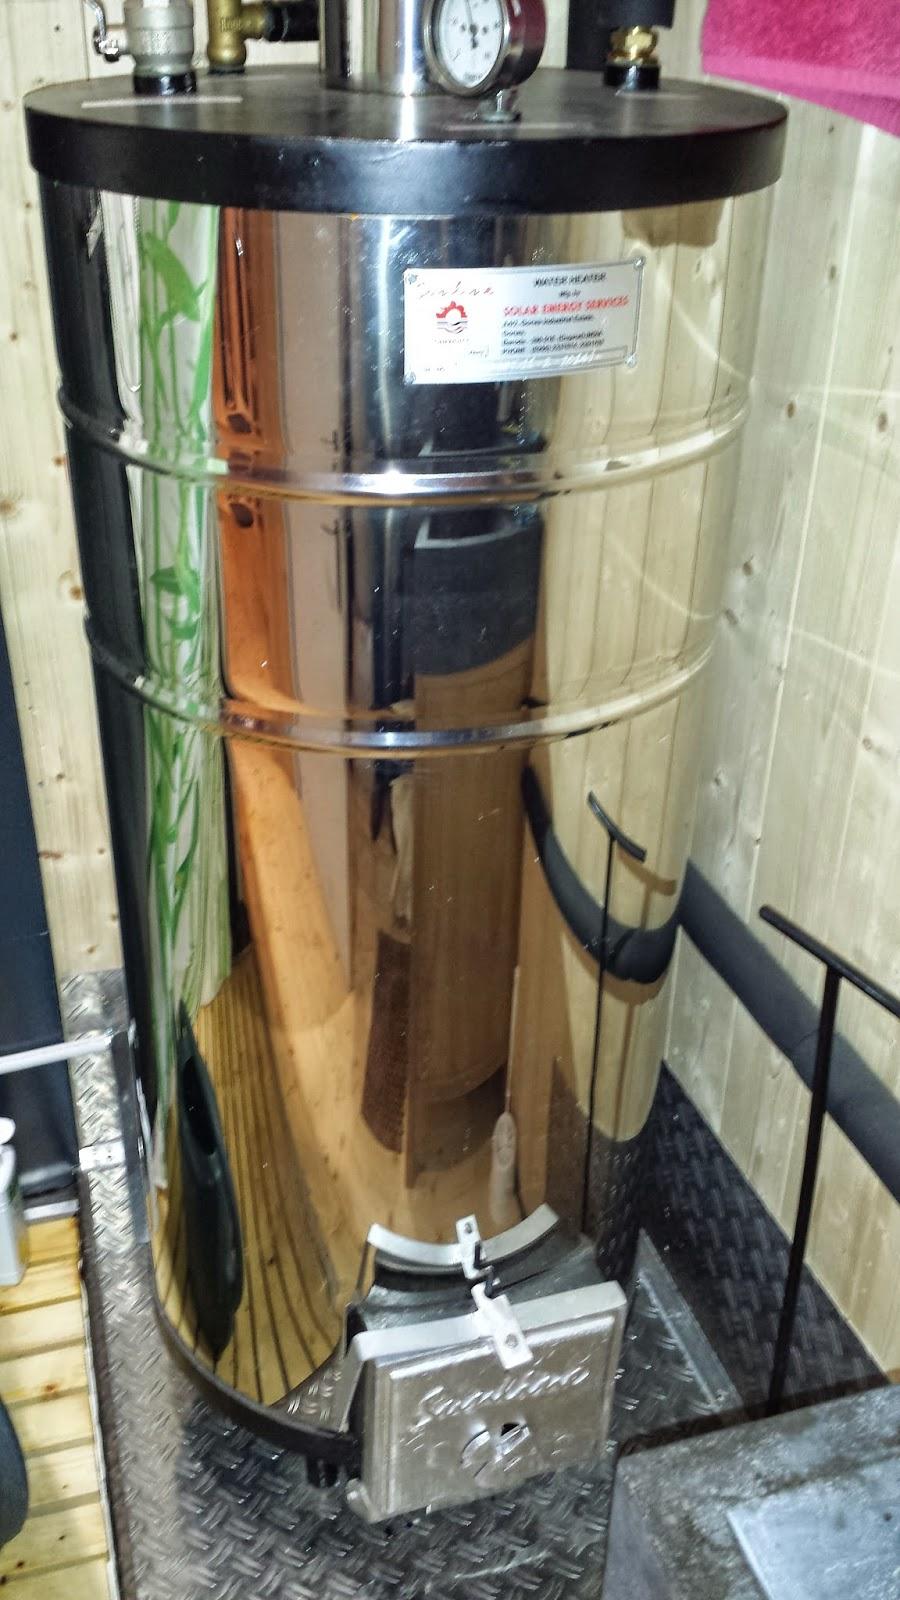 Chauffe eau bois chauffe eau for Chauffe eau au bois pour piscine